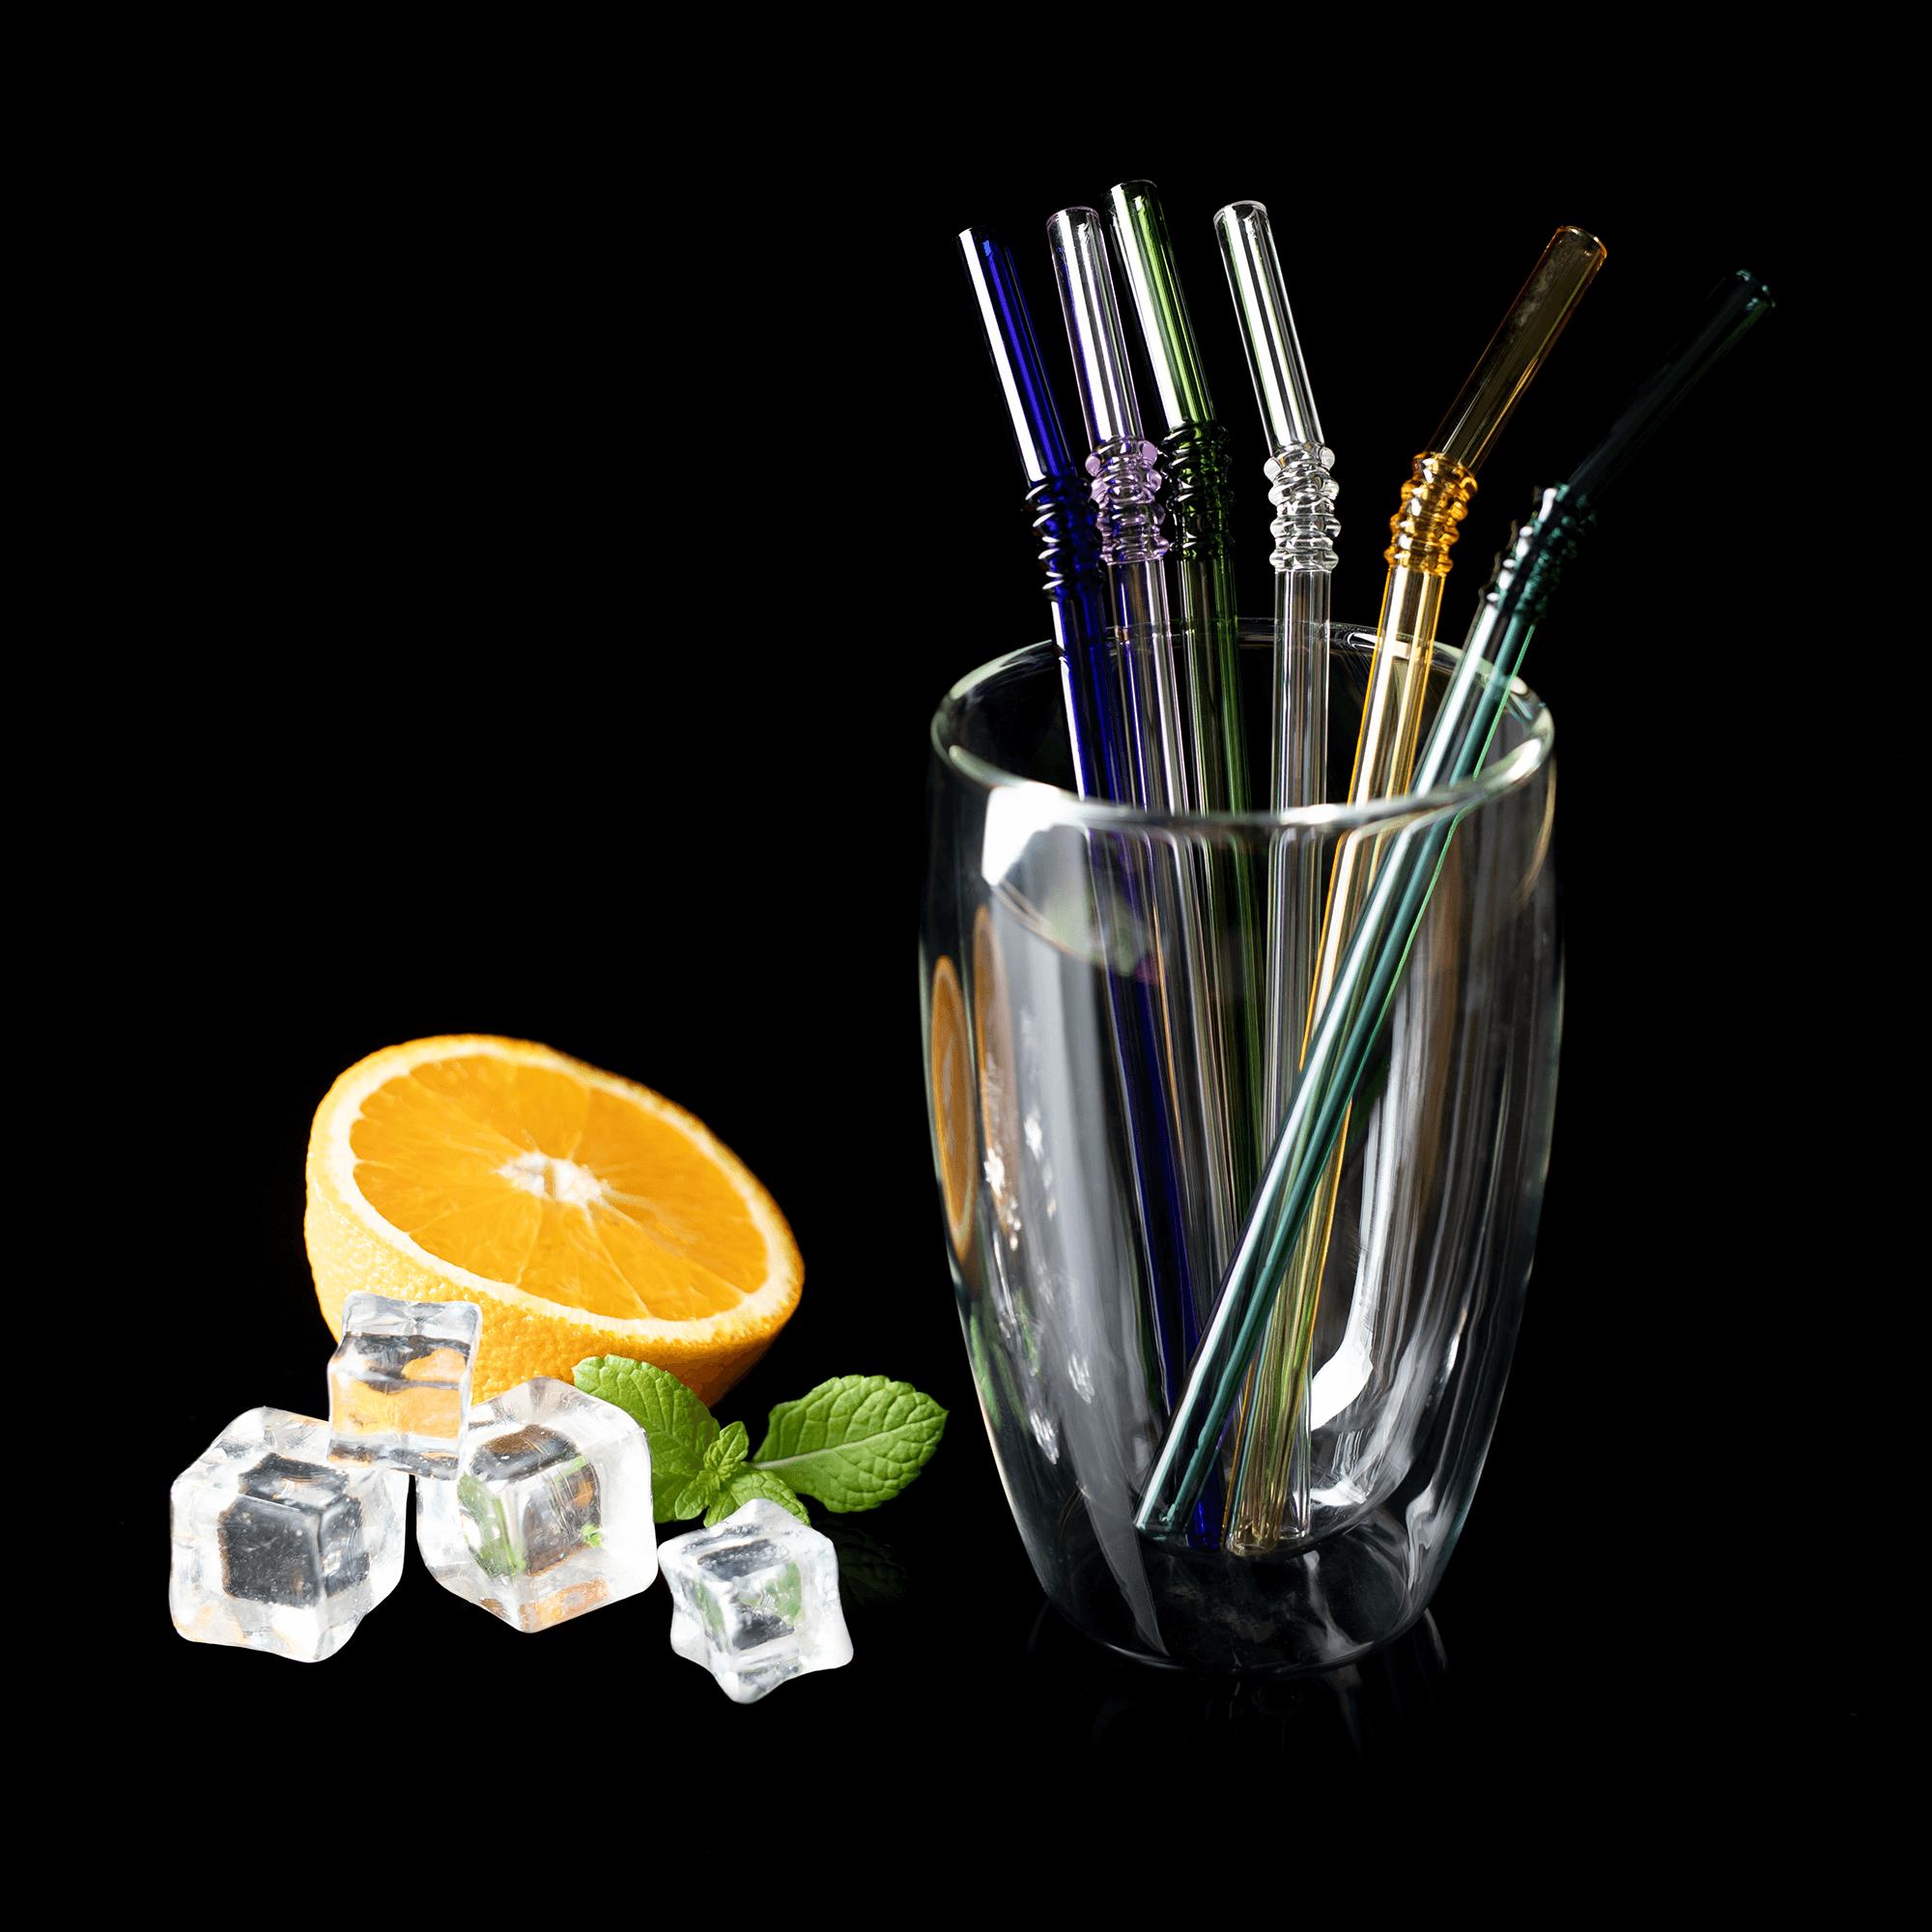 Set de 6 paie de sticlă + perie, amestec de culori, HOTCOLD TIP 19